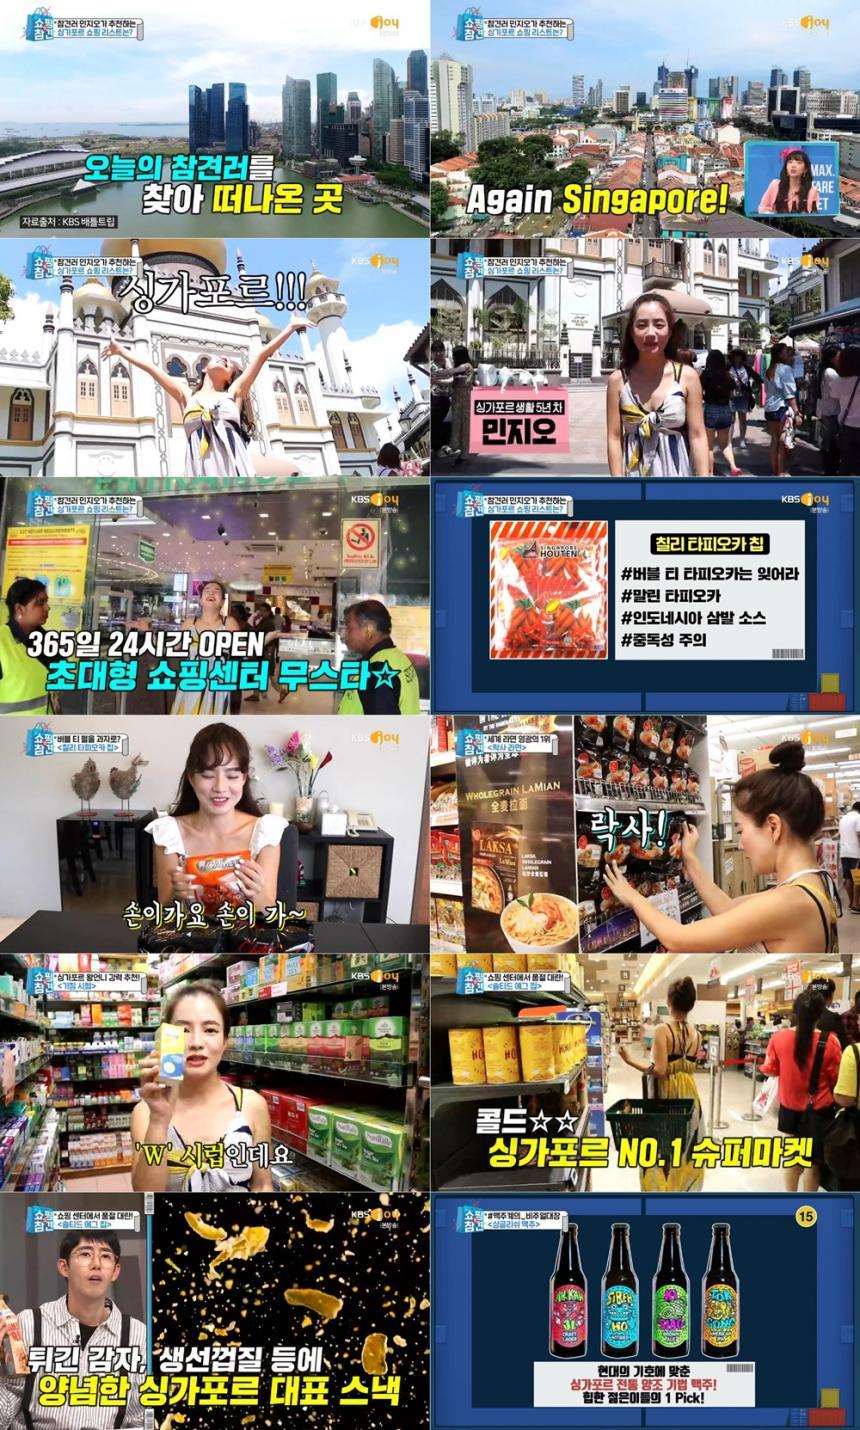 KBS Joy '쇼핑의 참견' 방송 캡처